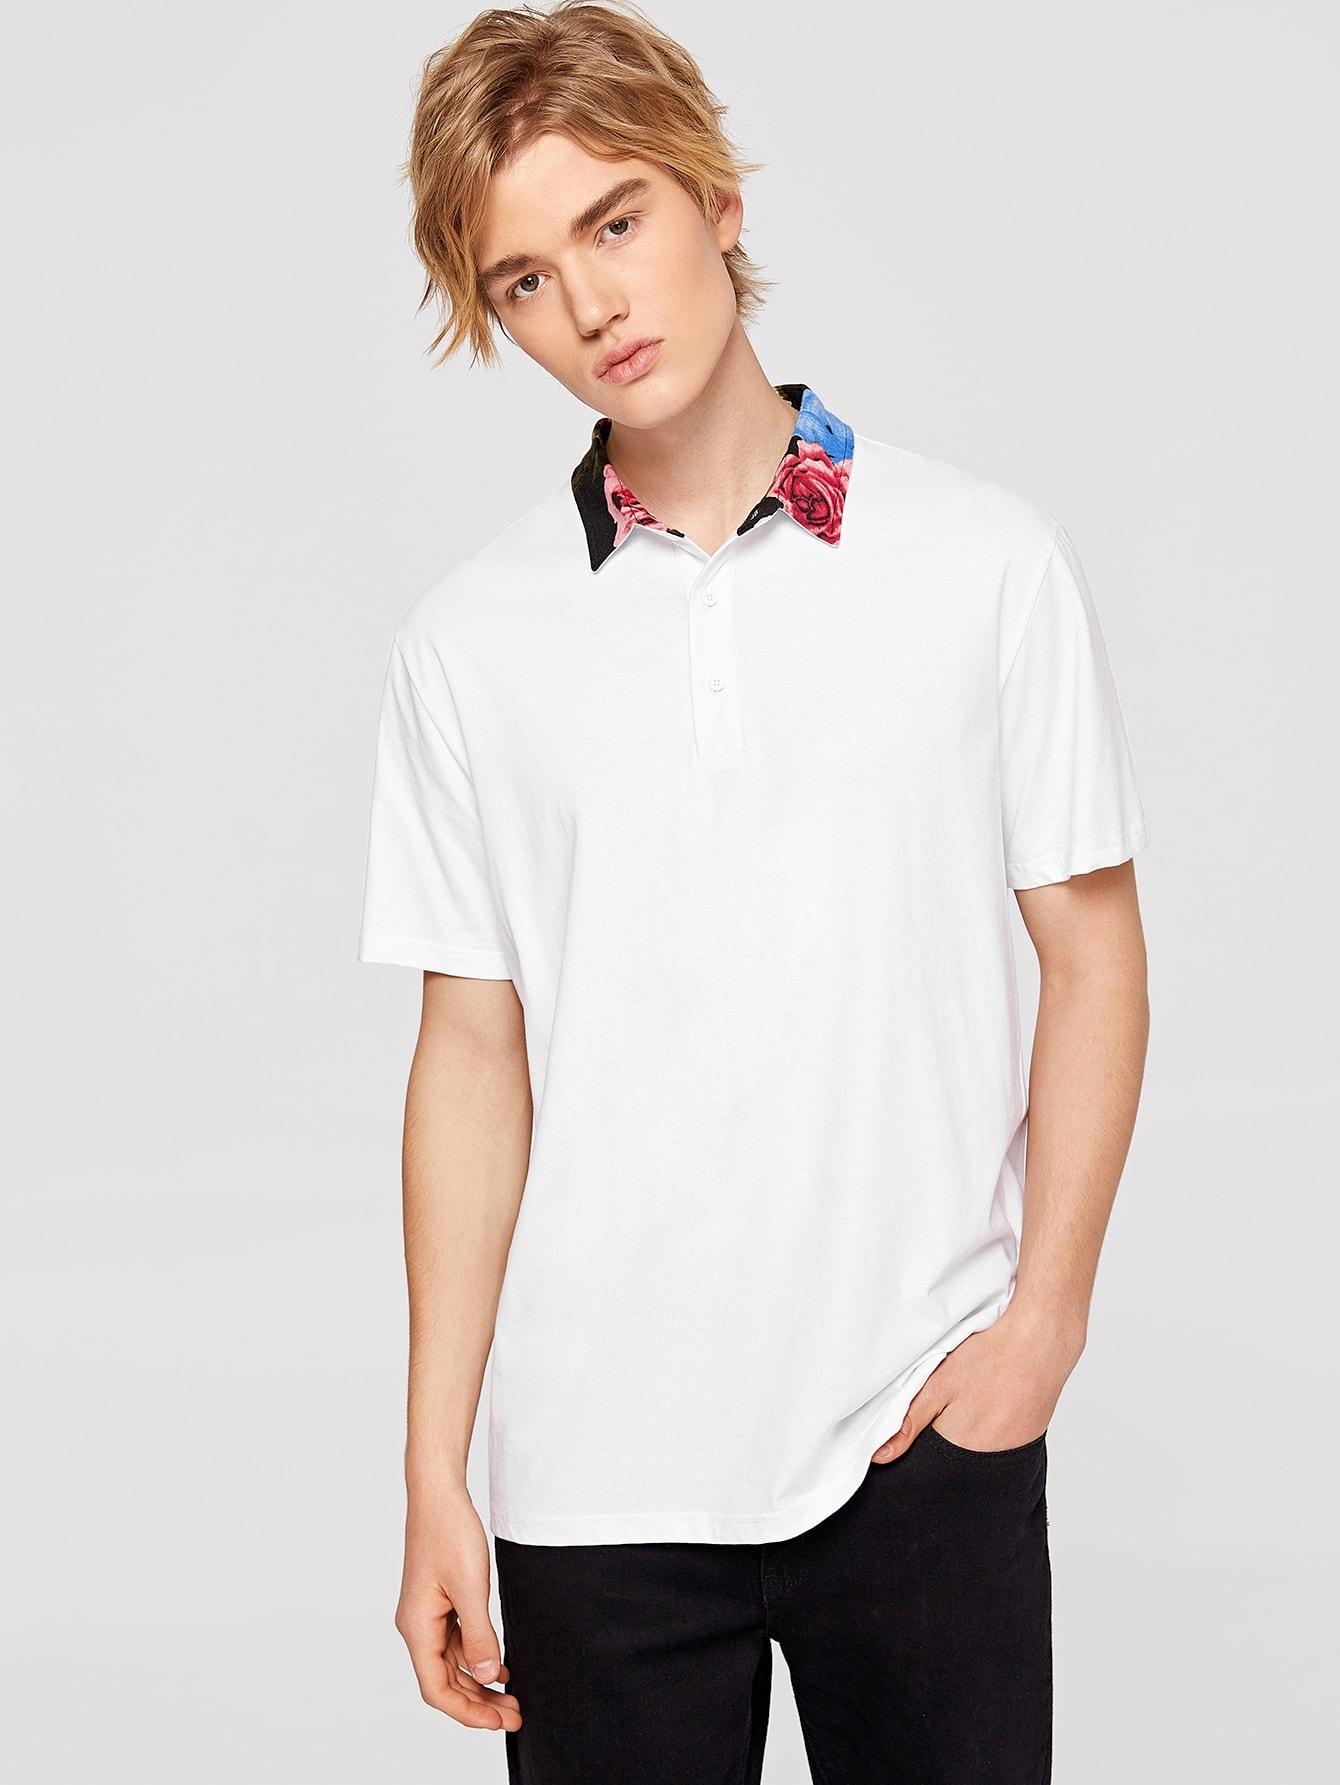 Купить Мужская блузка-поло с контрастным цветочным воротником, Alex, SheIn